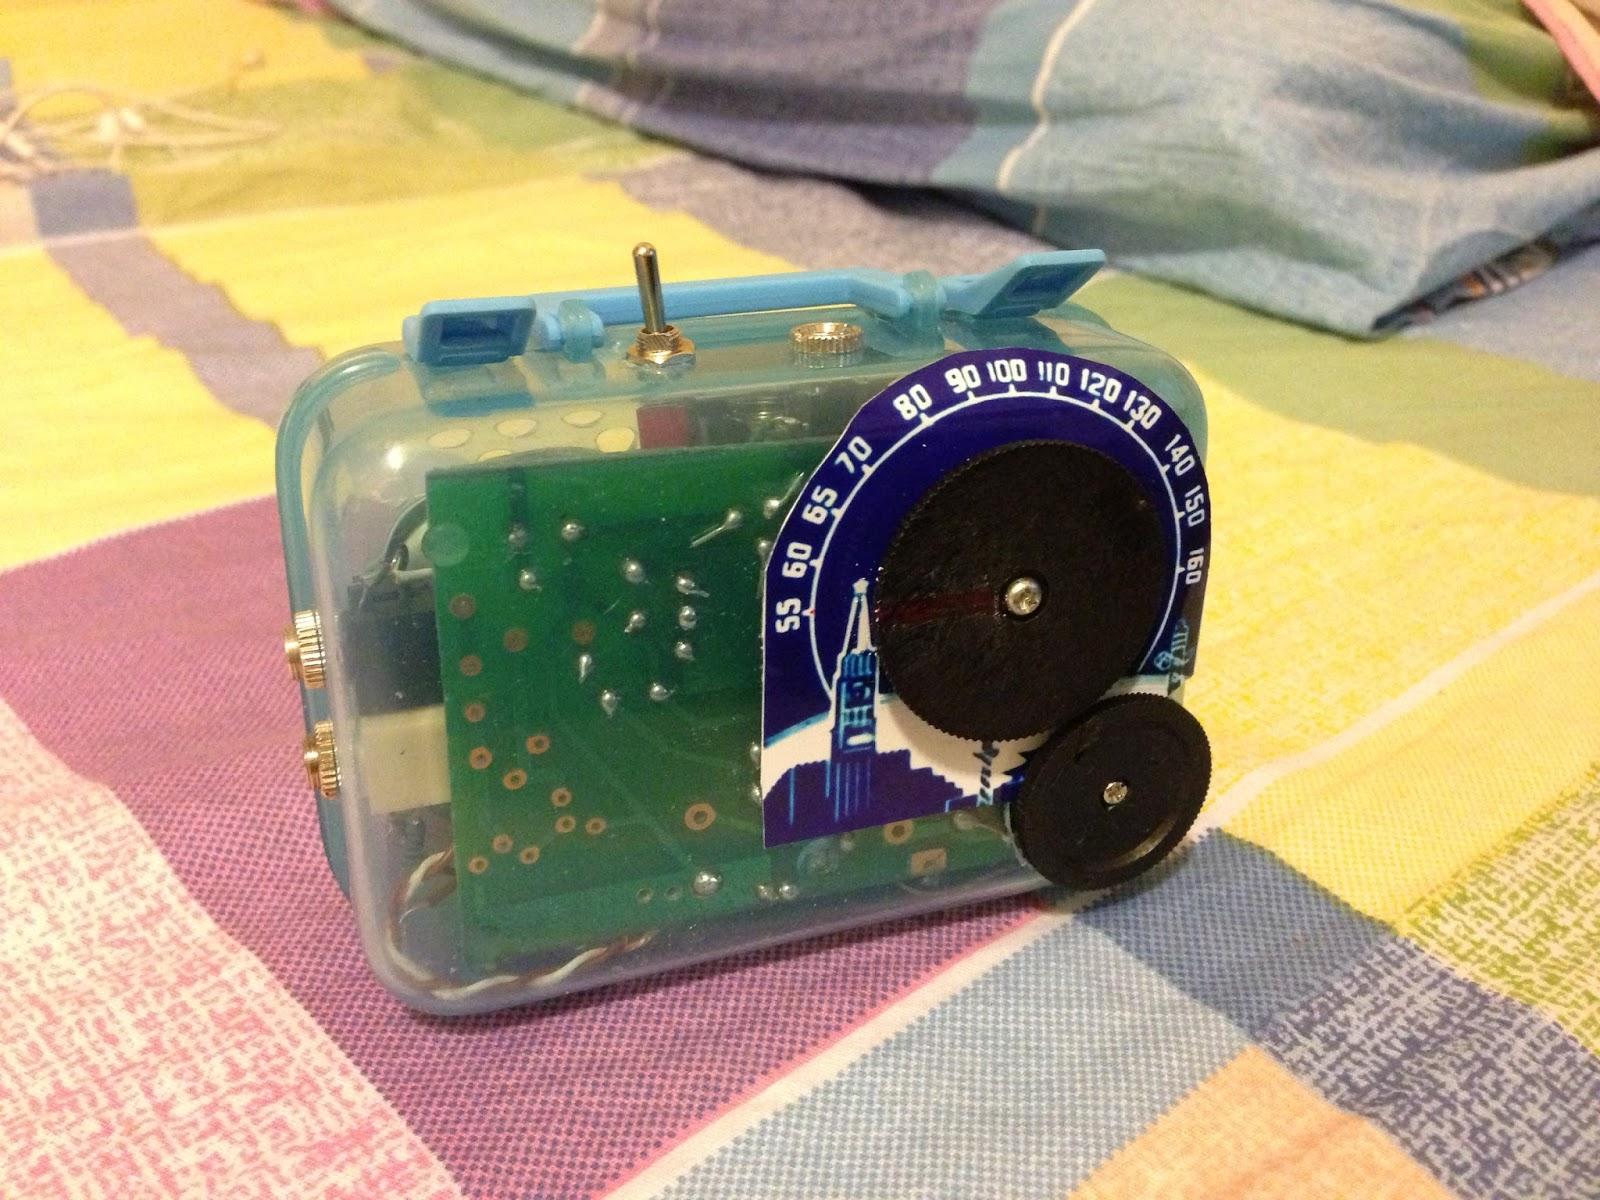 TA7642+LM386 regeneration radio | Billy's DIY Dream Shop